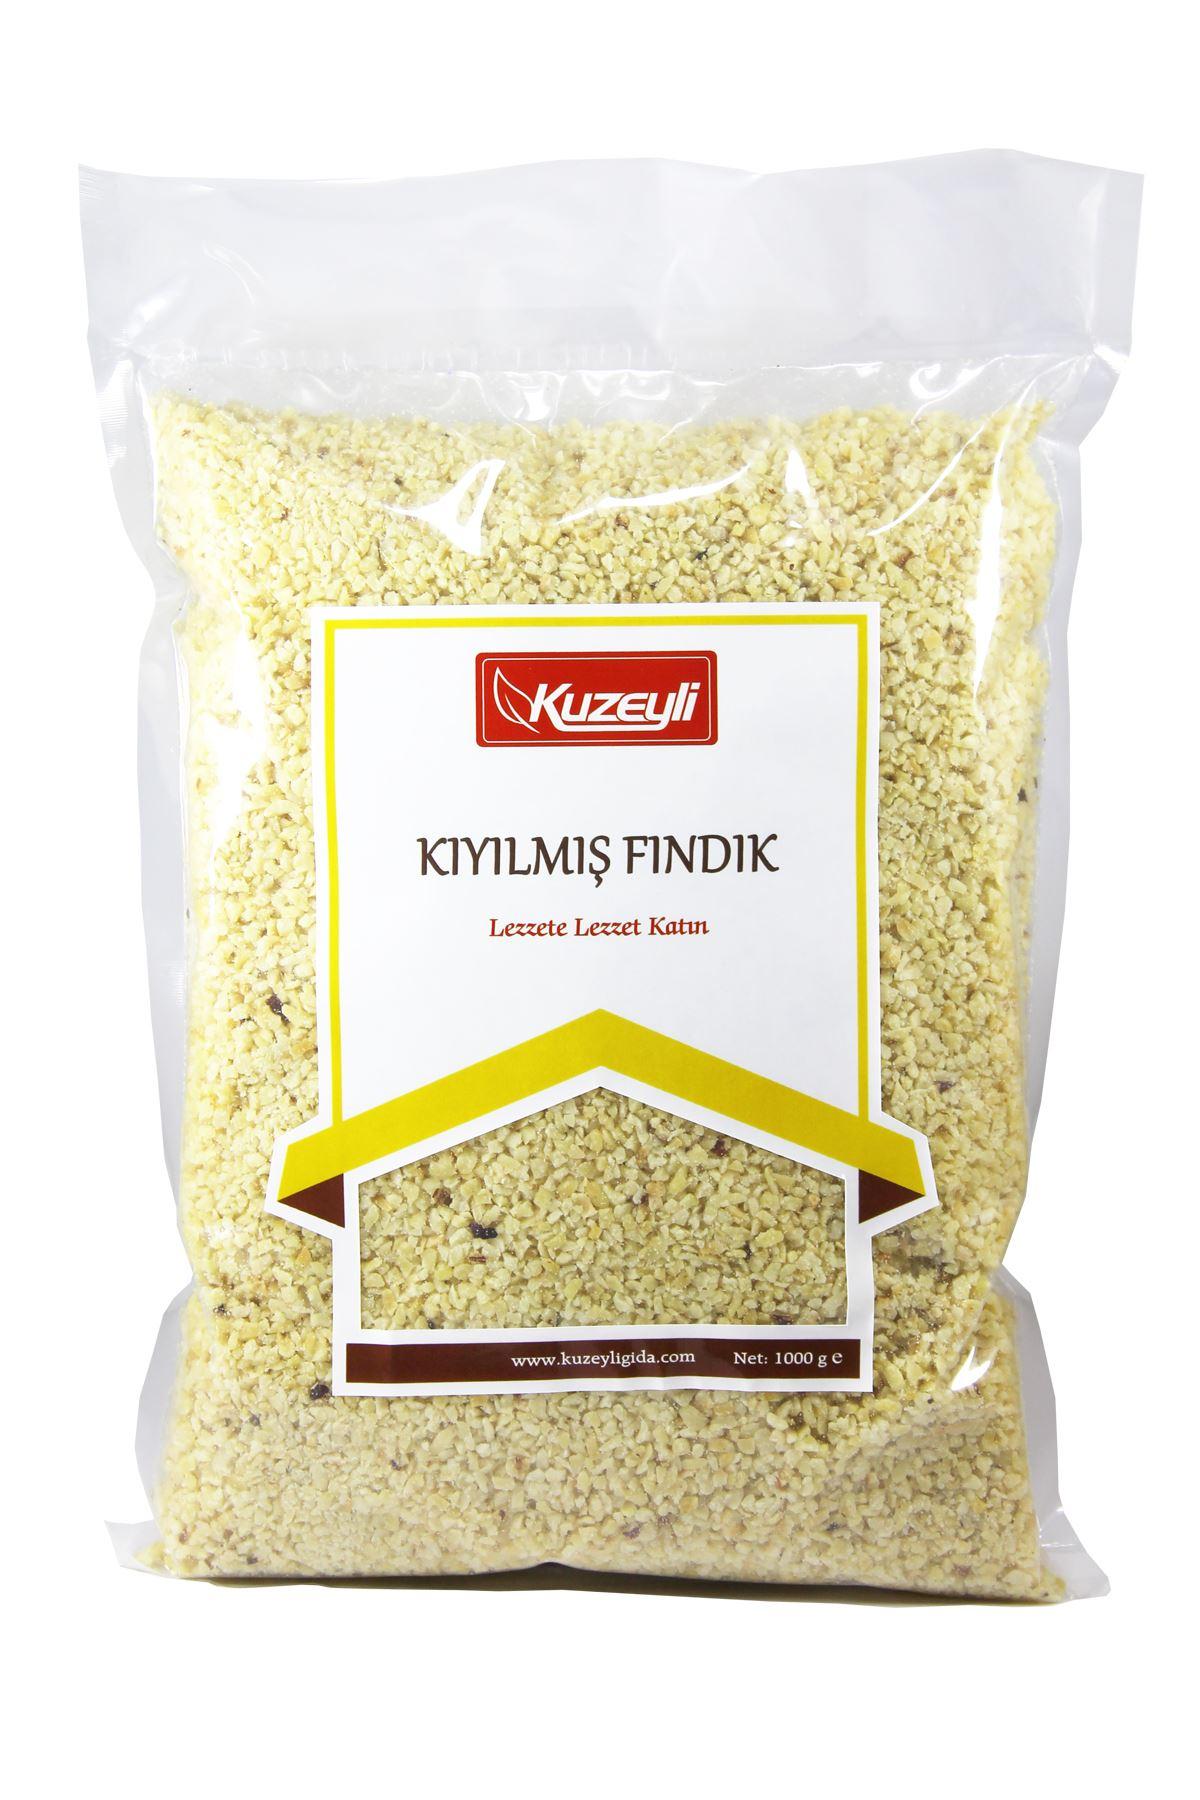 Kıyılmış Fındık 1 Kg (Pirinç Fındık)